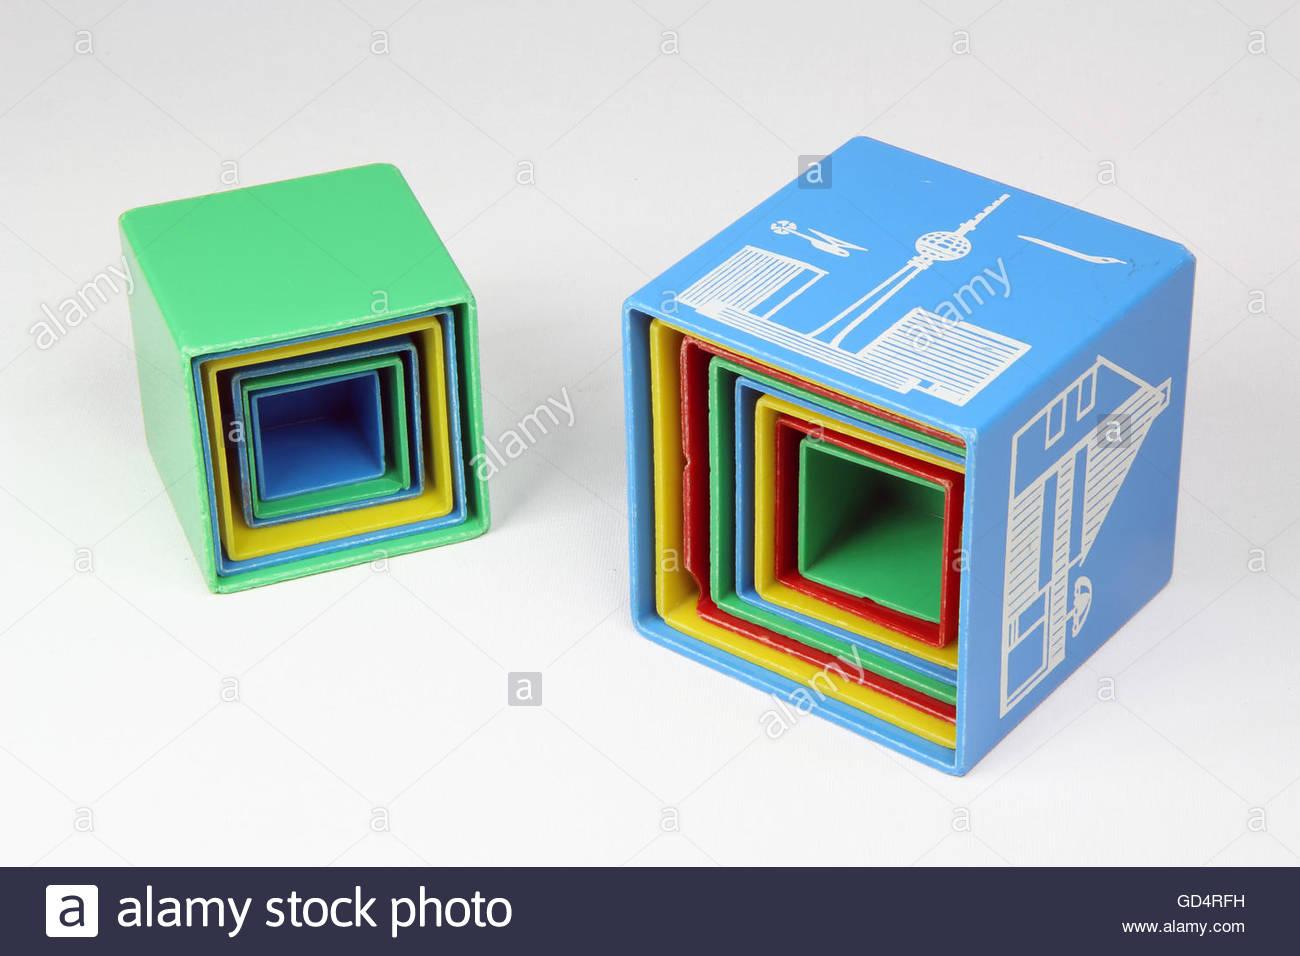 Juguetes para bebés cubos plugin con material sintético, diseño: probable diseño de fábrica, Imagen De Stock